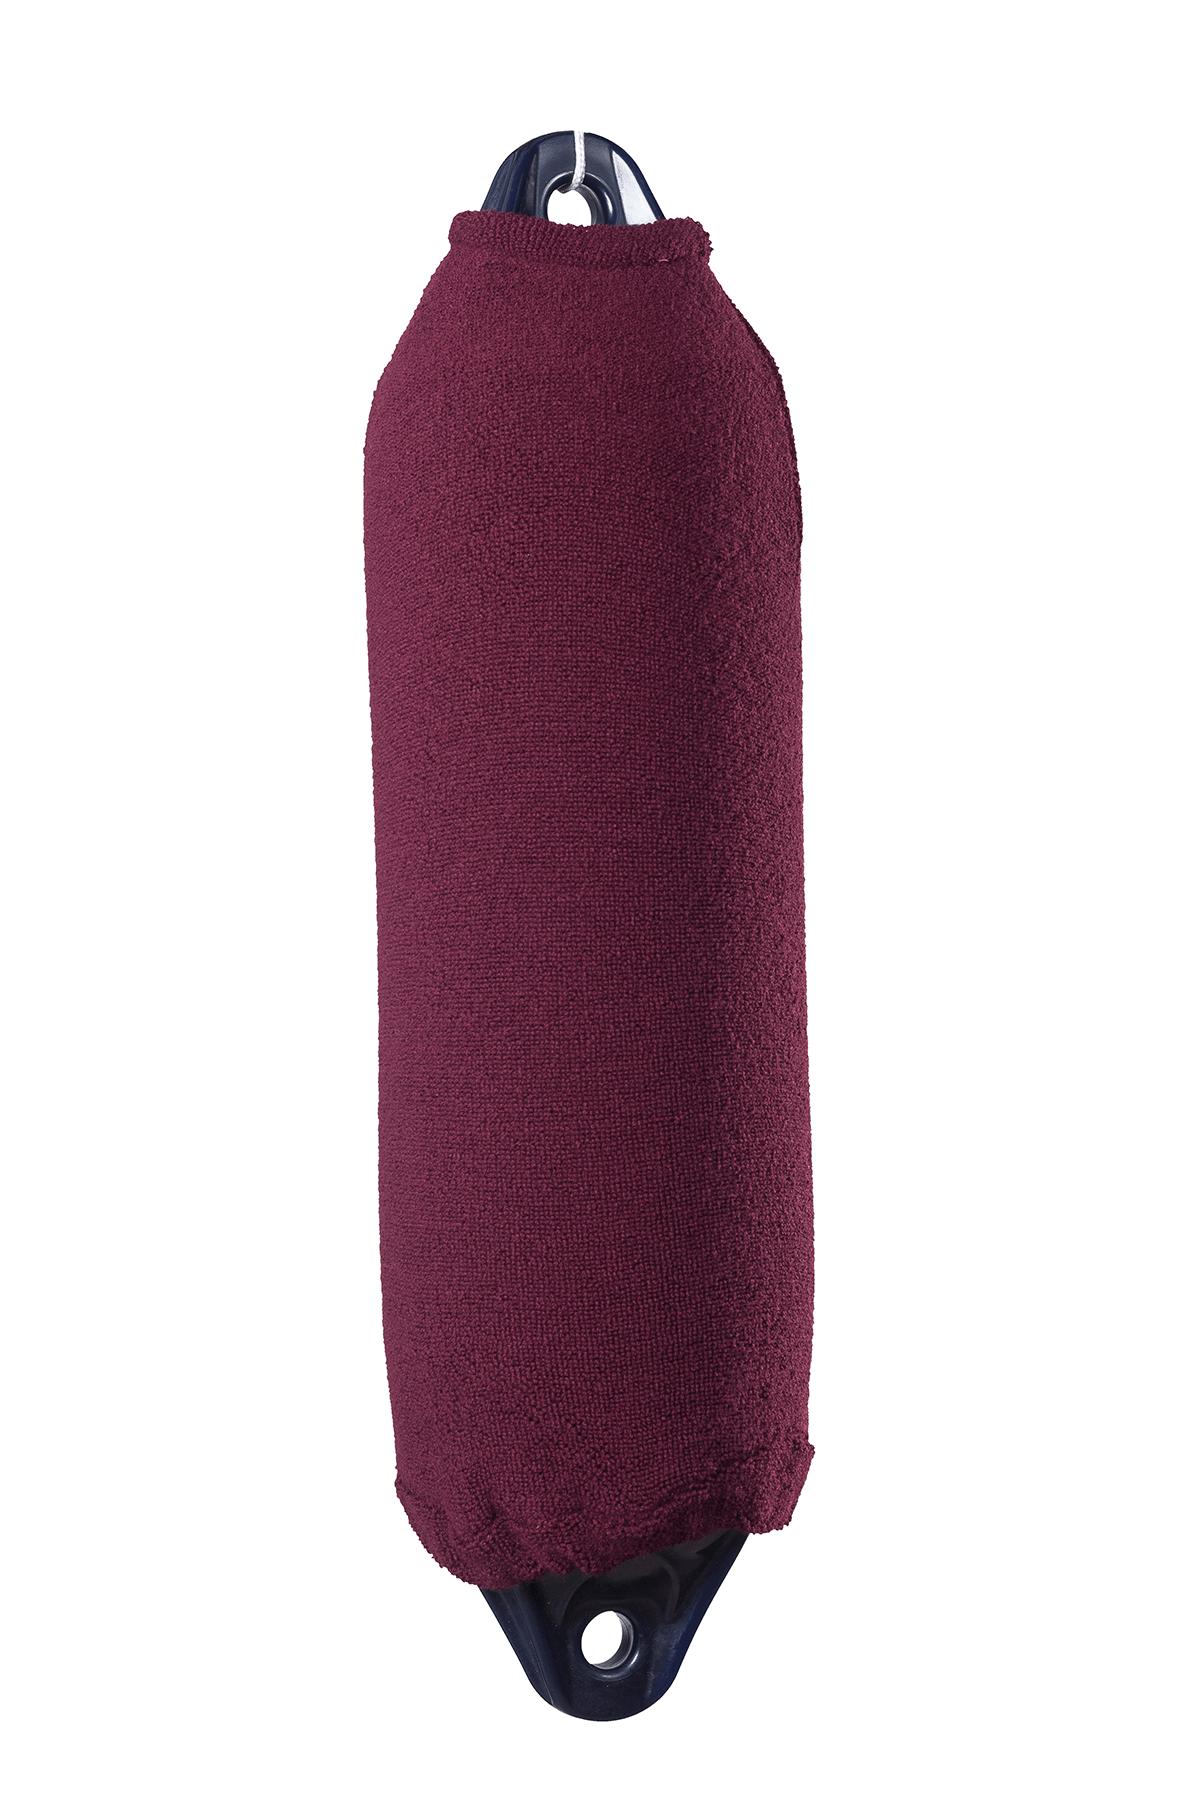 20.5 - Καλύμματα Μακρόστενων Μπαλονιών 40cm Χρώματος Μπορντό - Σετ Των 2 Τεμαχίων